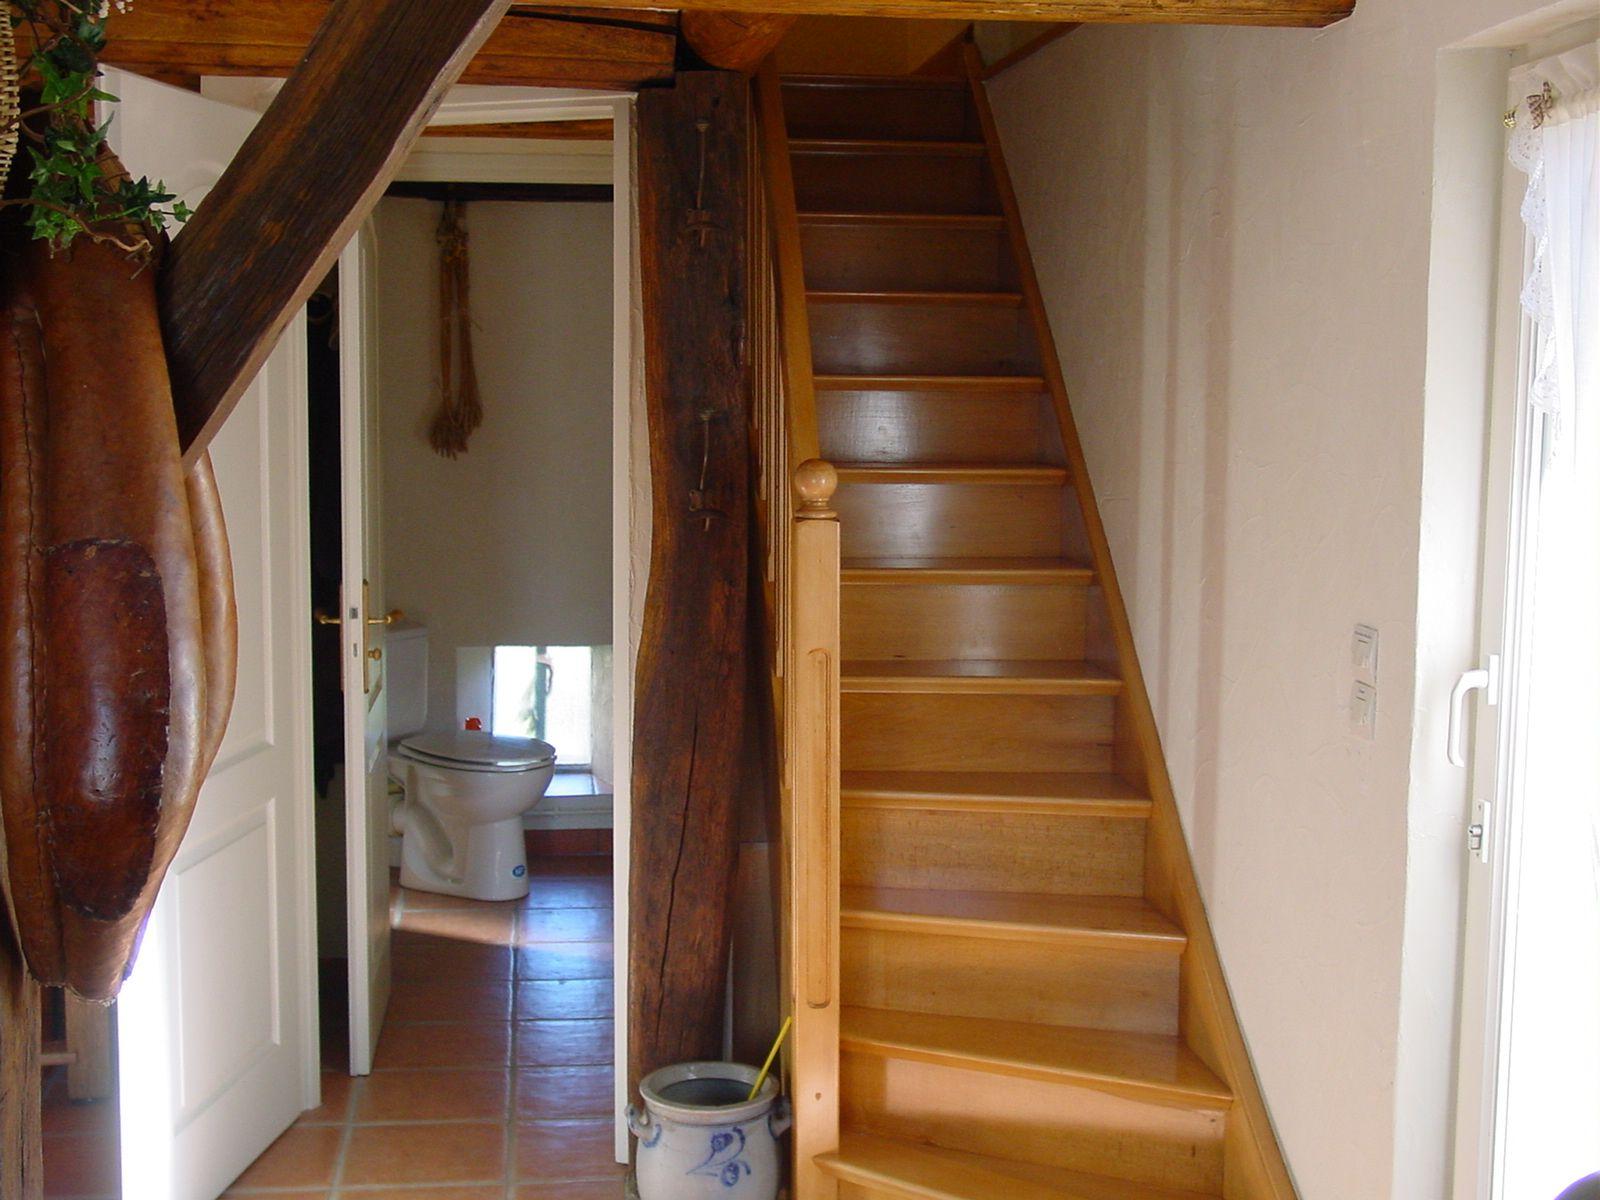 Escalier vers 1er étage